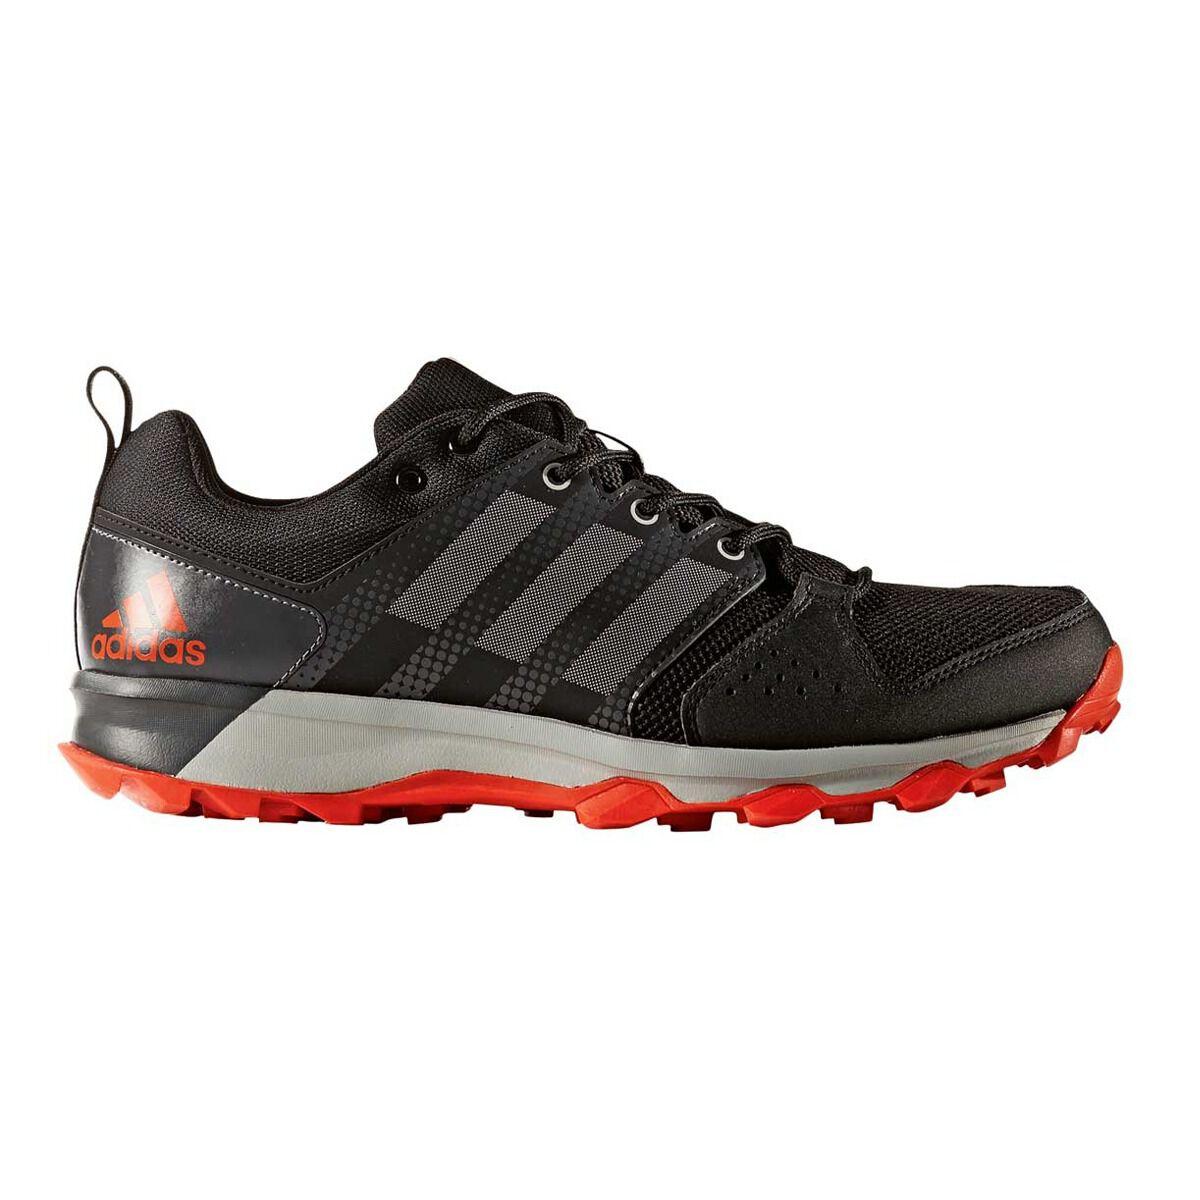 Adidas Galaxy Trail Hombres Zapatillas de trail corriendo negro / gris con nosotros